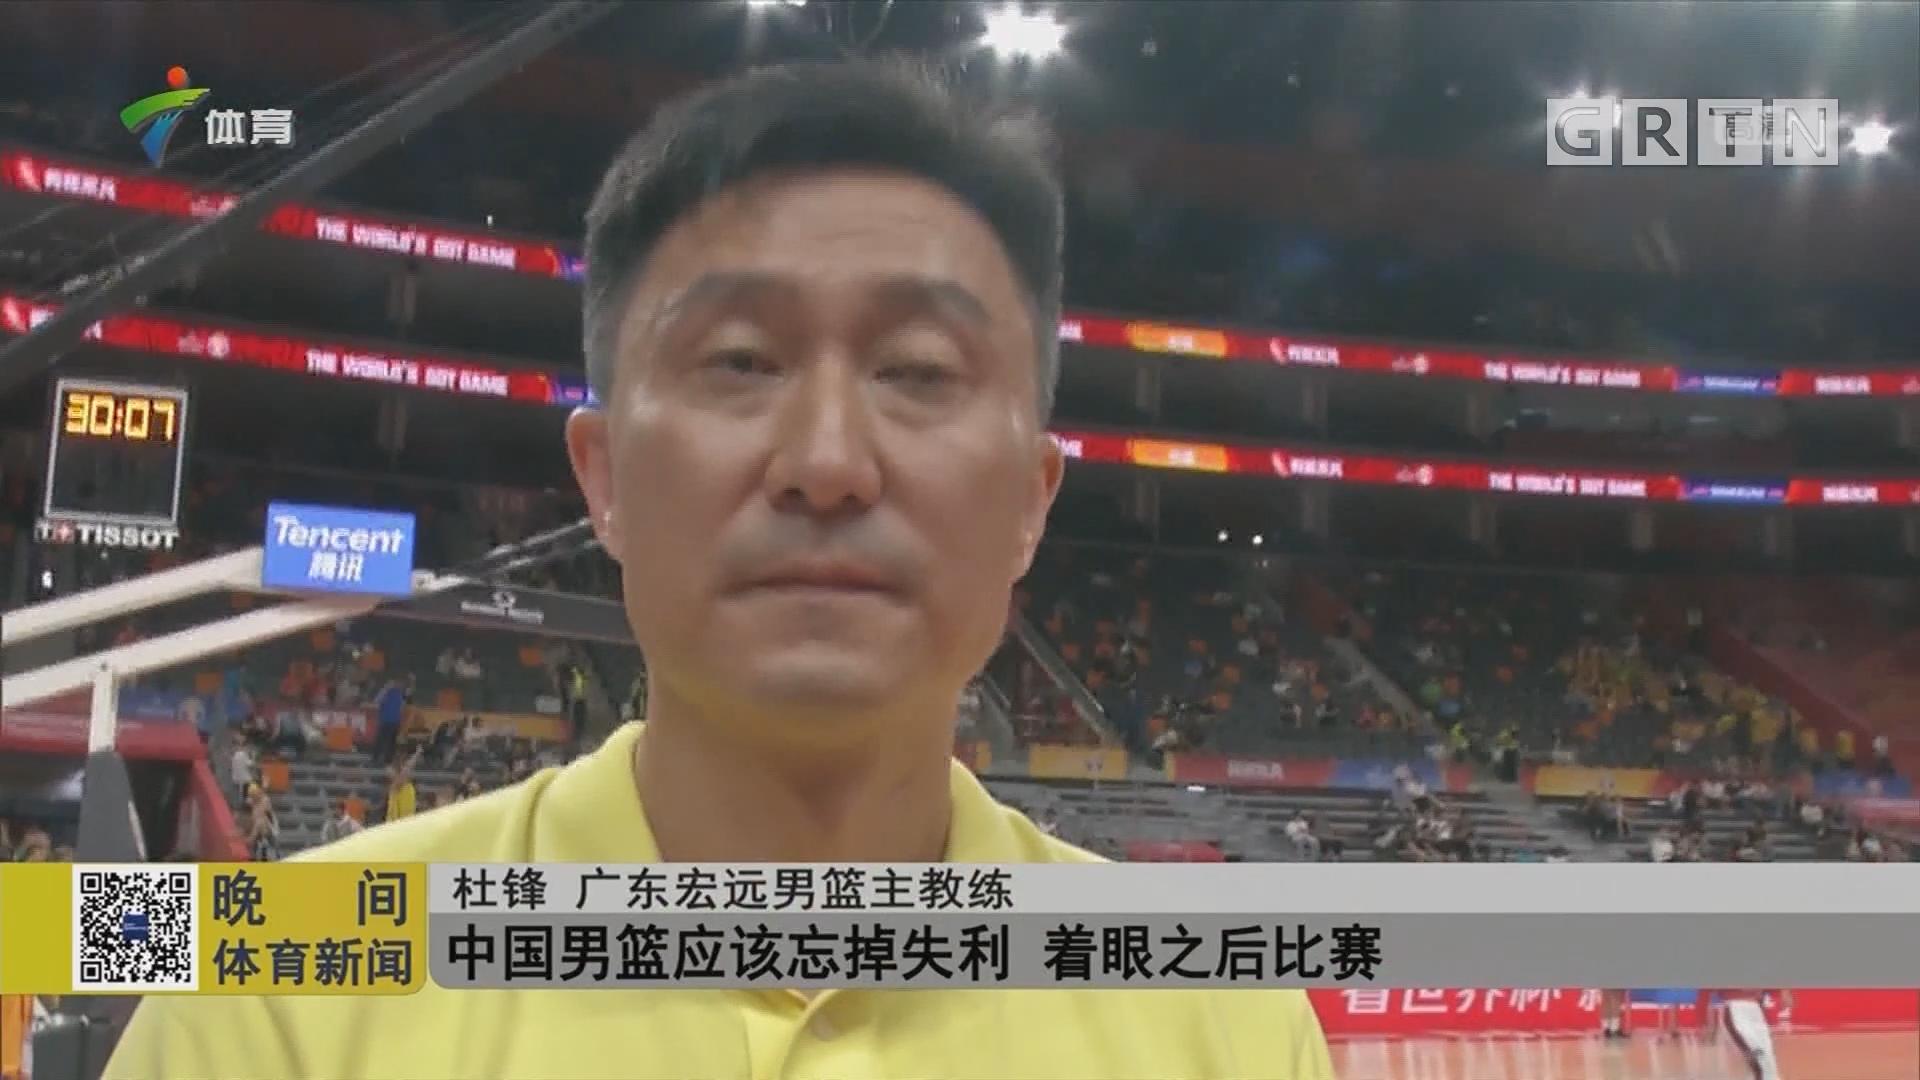 中国男篮应该忘掉失利 着眼之后比赛